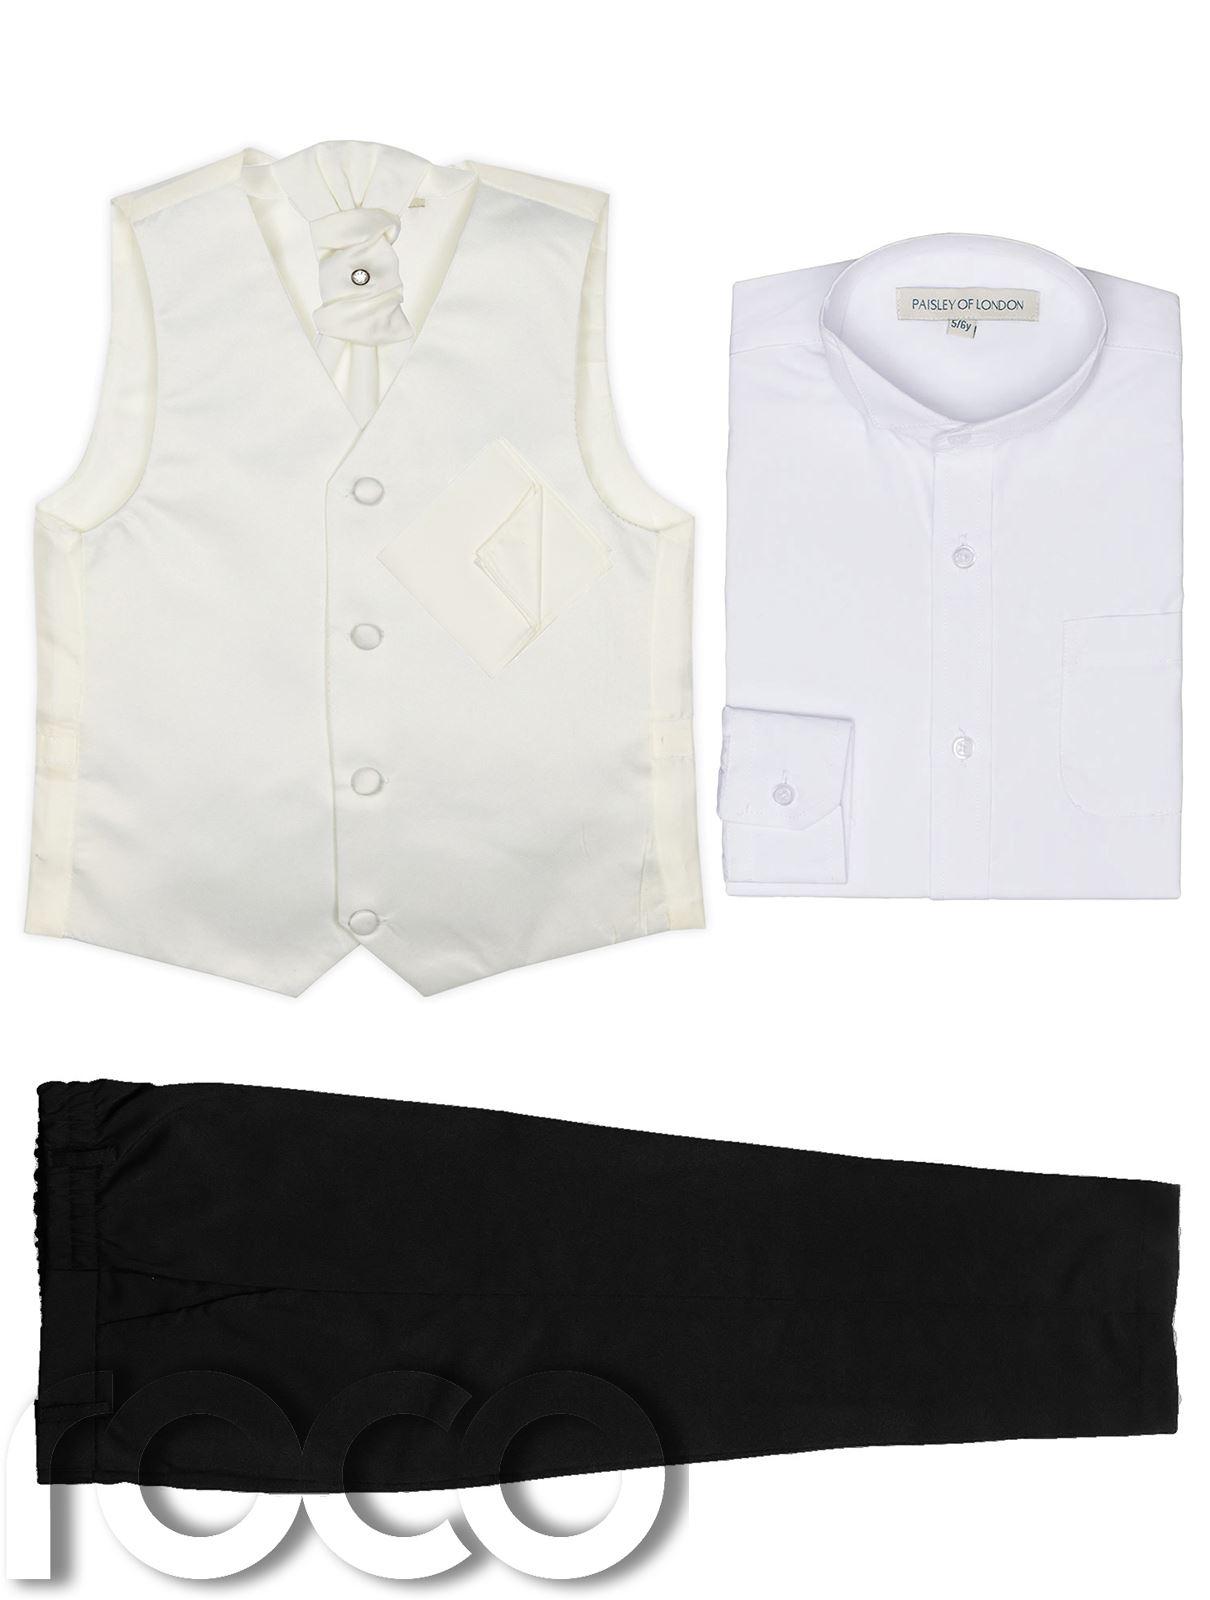 Black Trousers Page Boys Suits Boys Waistcoat Suit Boys Wedding Suit